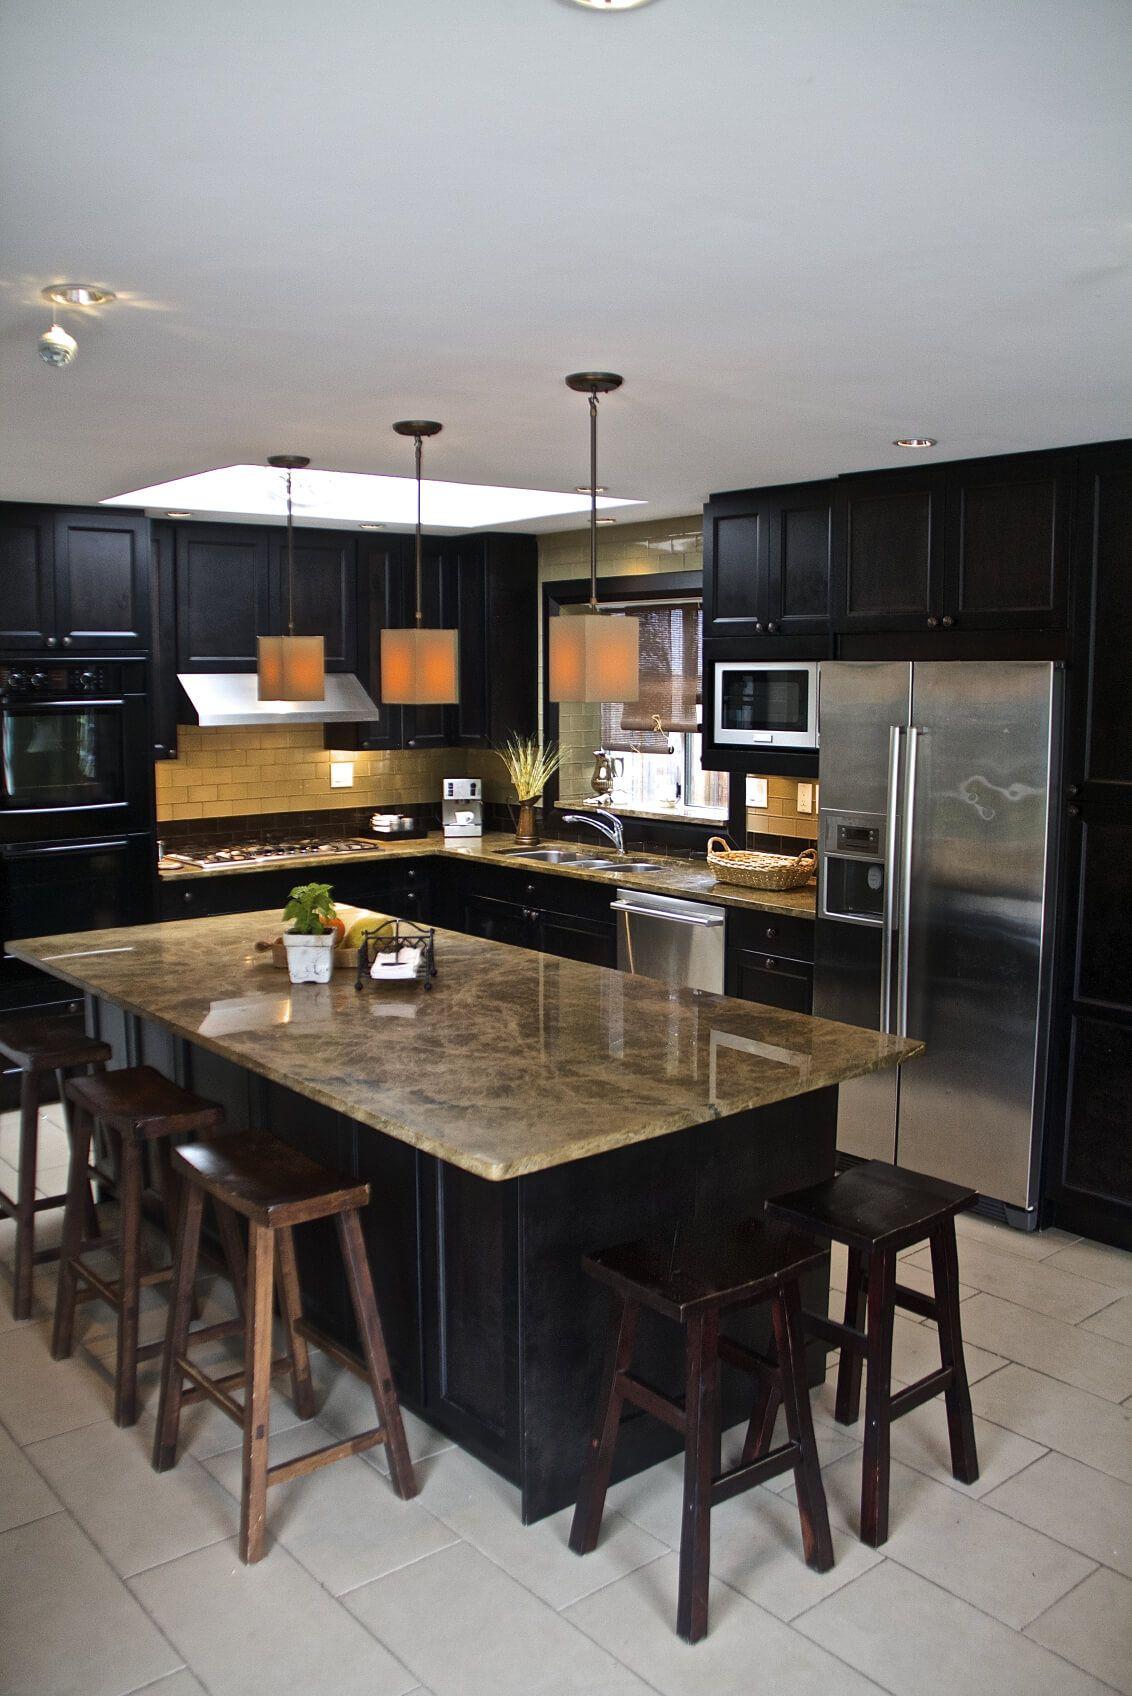 52 dark kitchens with dark wood and black kitchen cabinets | dark